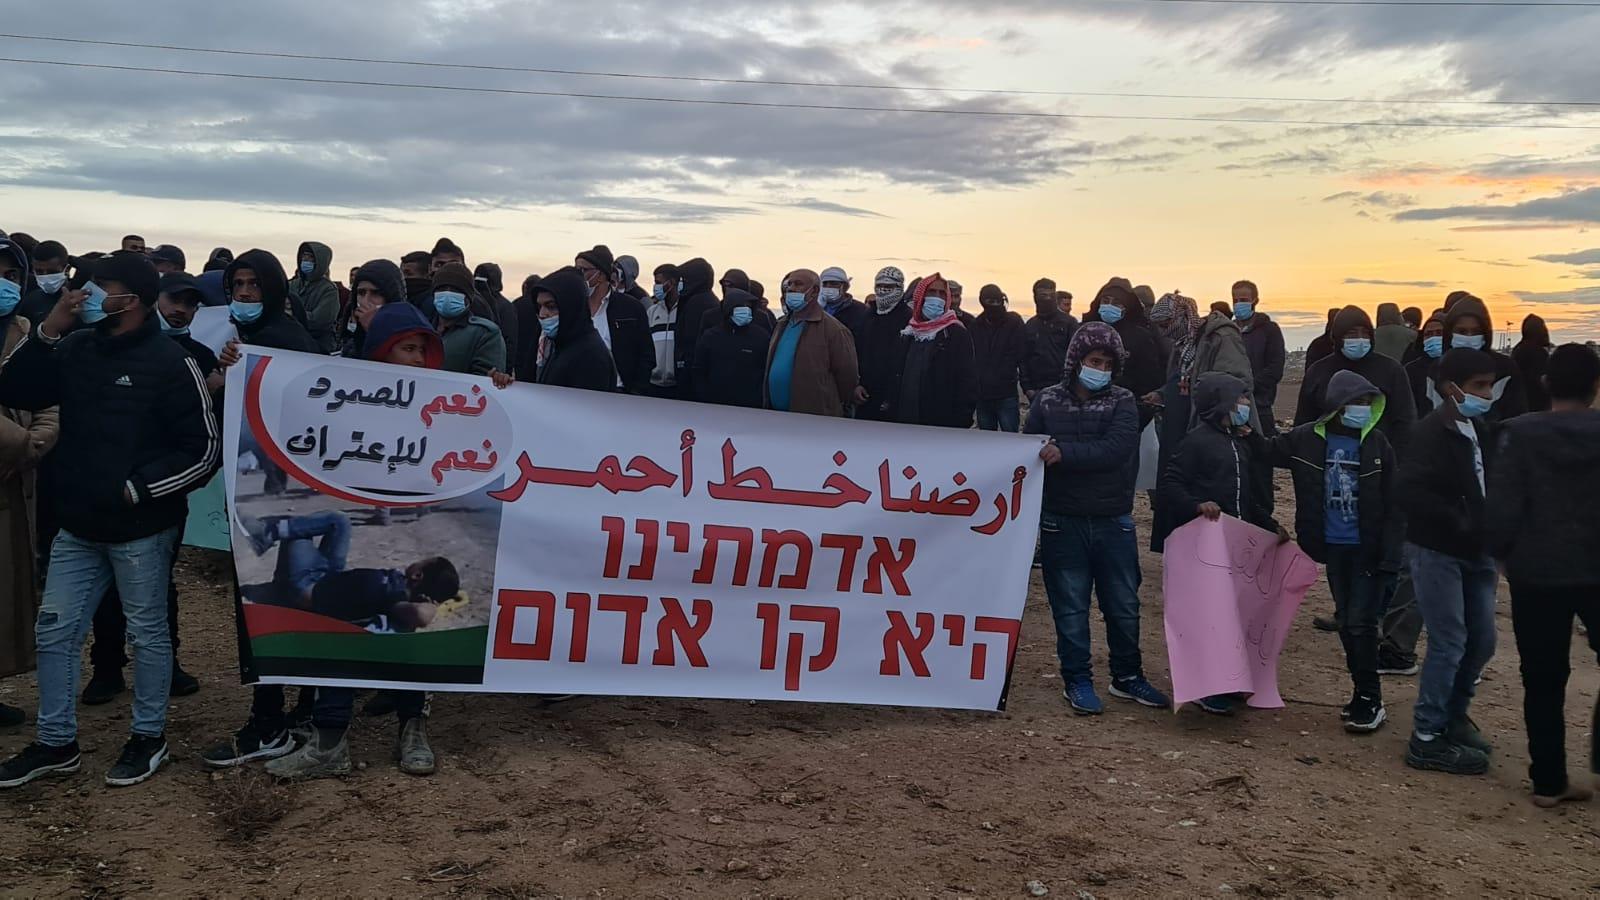 مشاركة واسعة في مظاهرة ضد الهدم والمصادرة في النقب